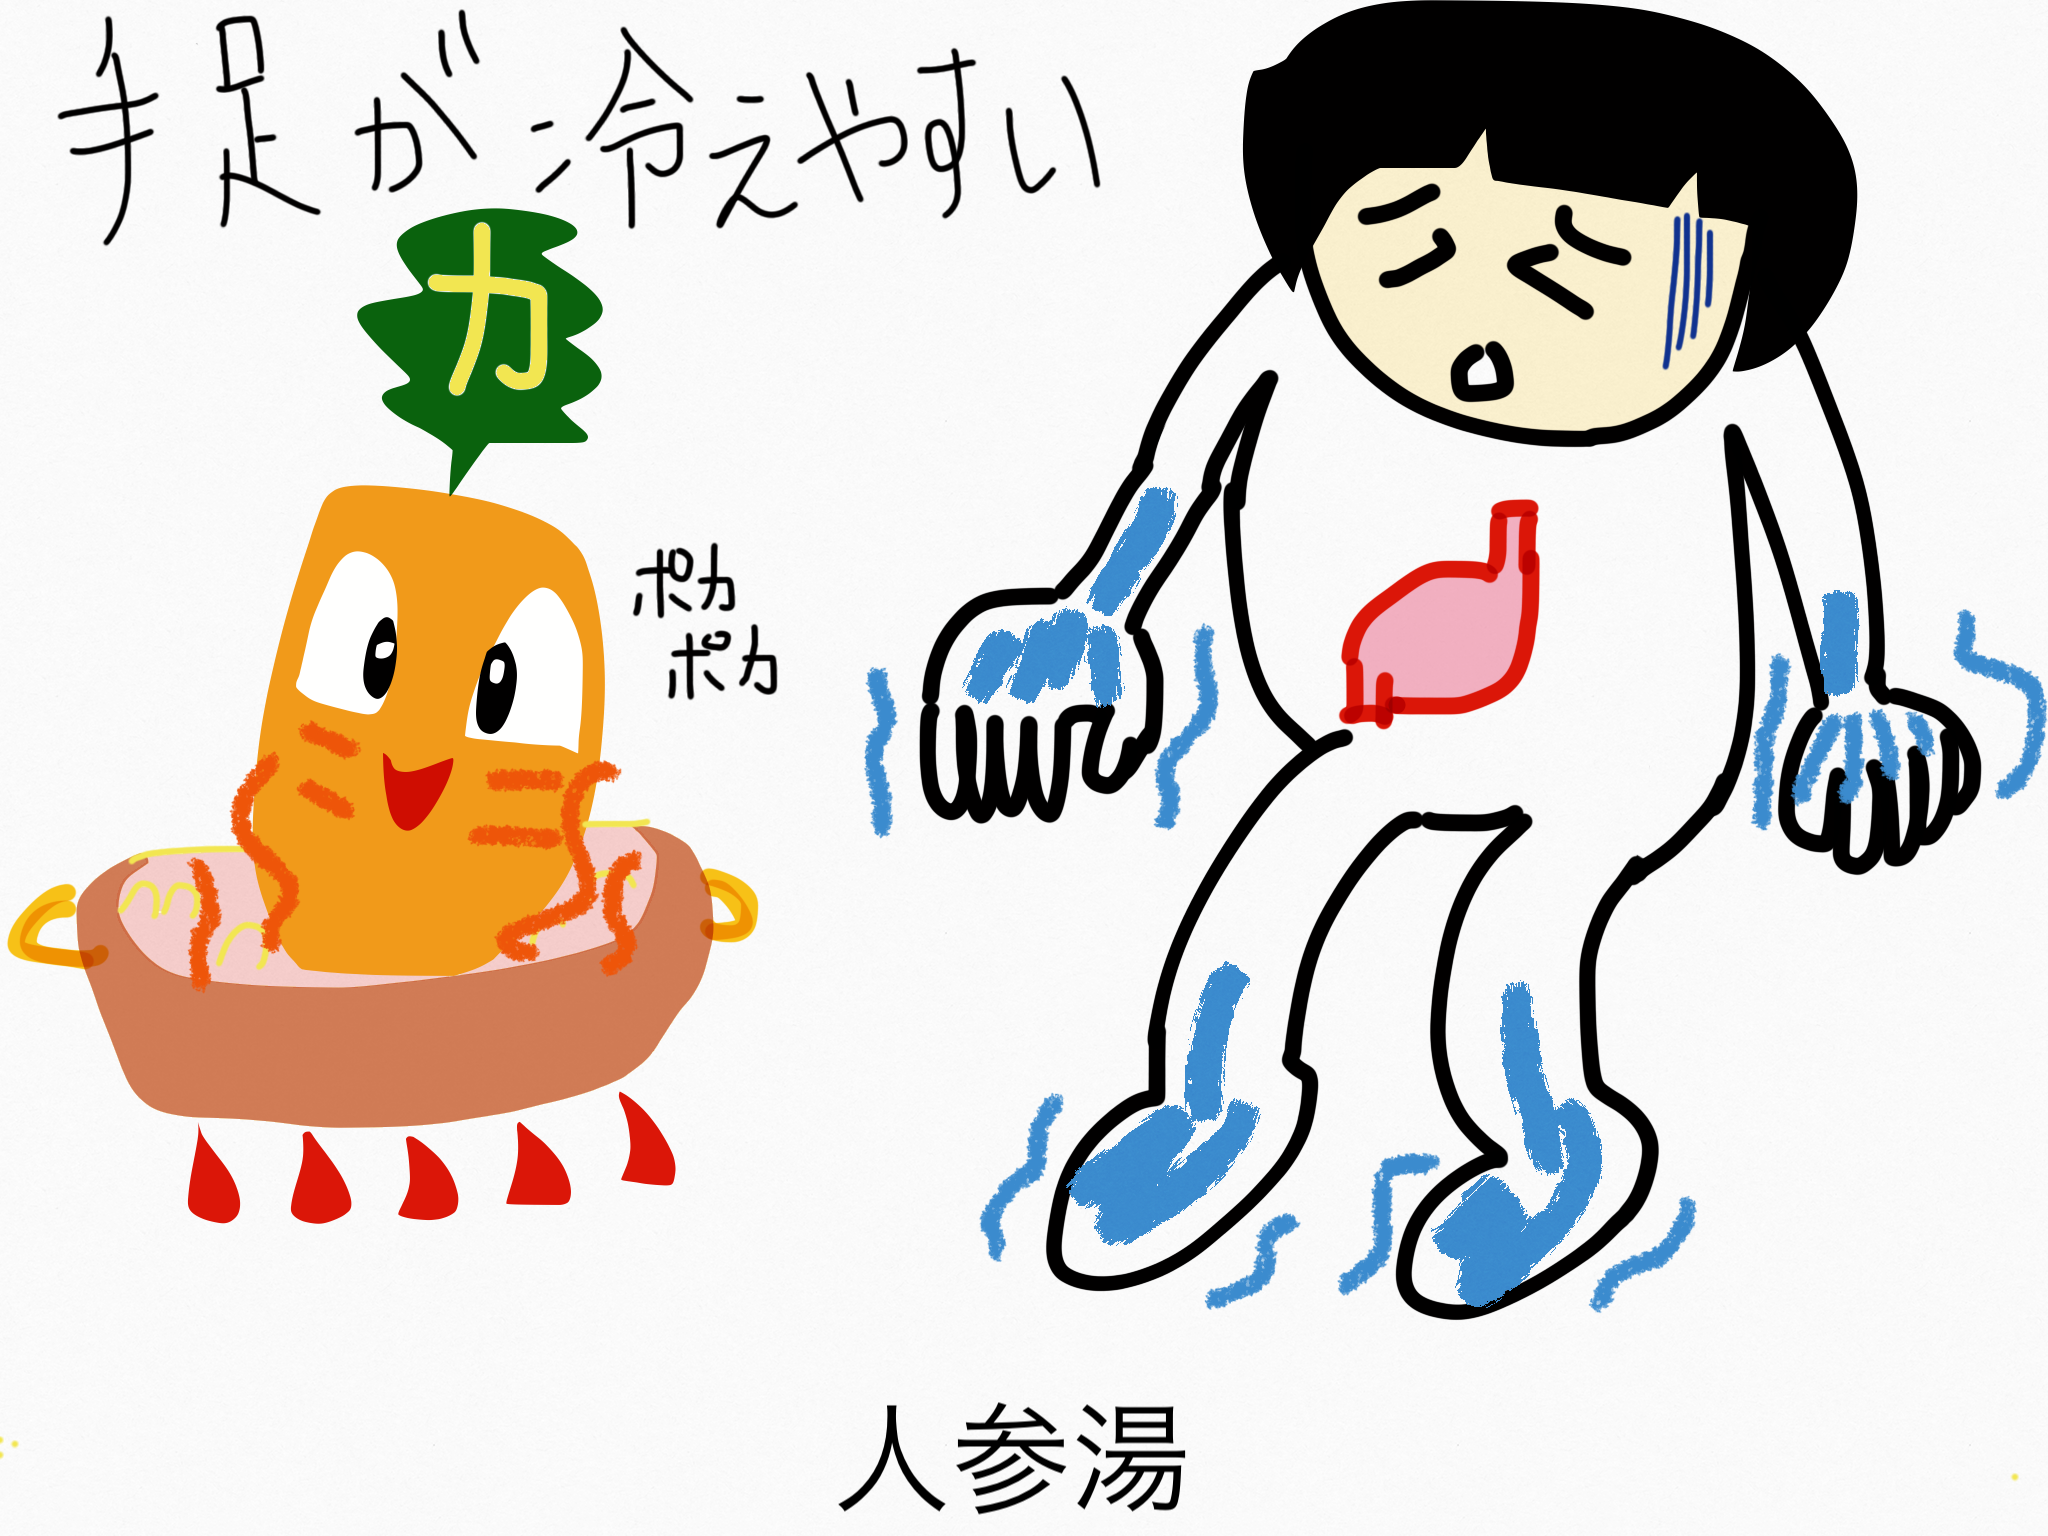 人参湯(にんじんとう)[胃の不調]【漢方の覚え方】